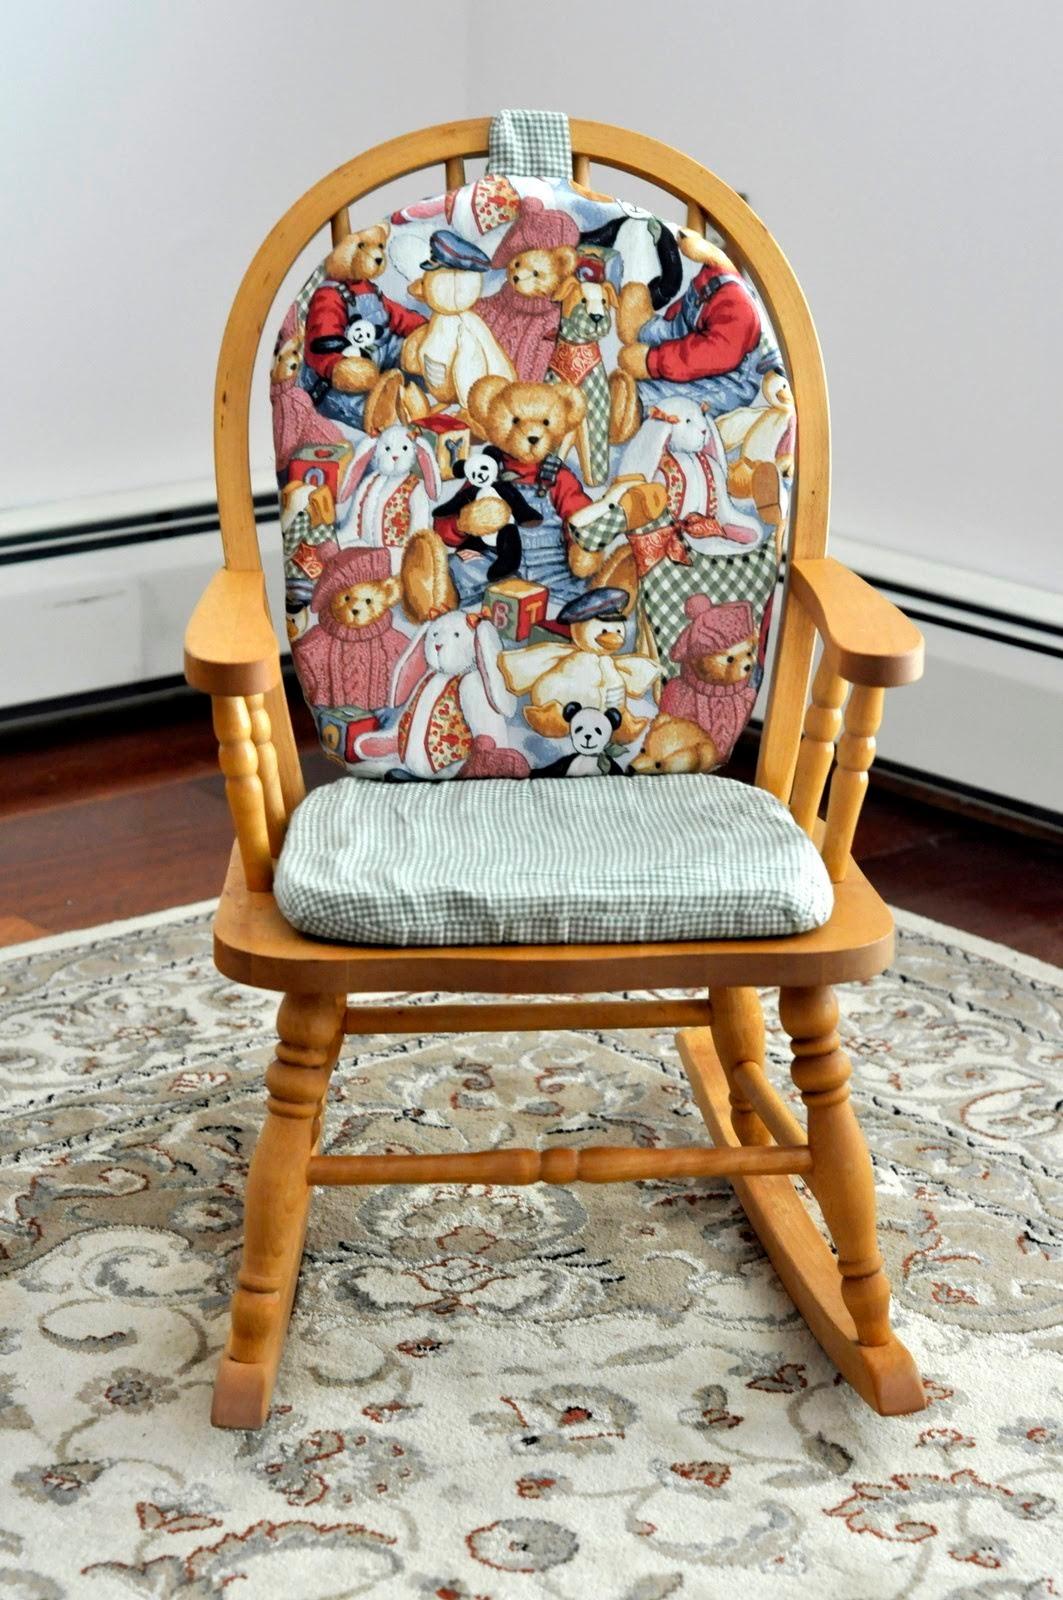 Wooden-Rocking-Chair-Teddy-Bear-Cushion-tasteasyougo.com